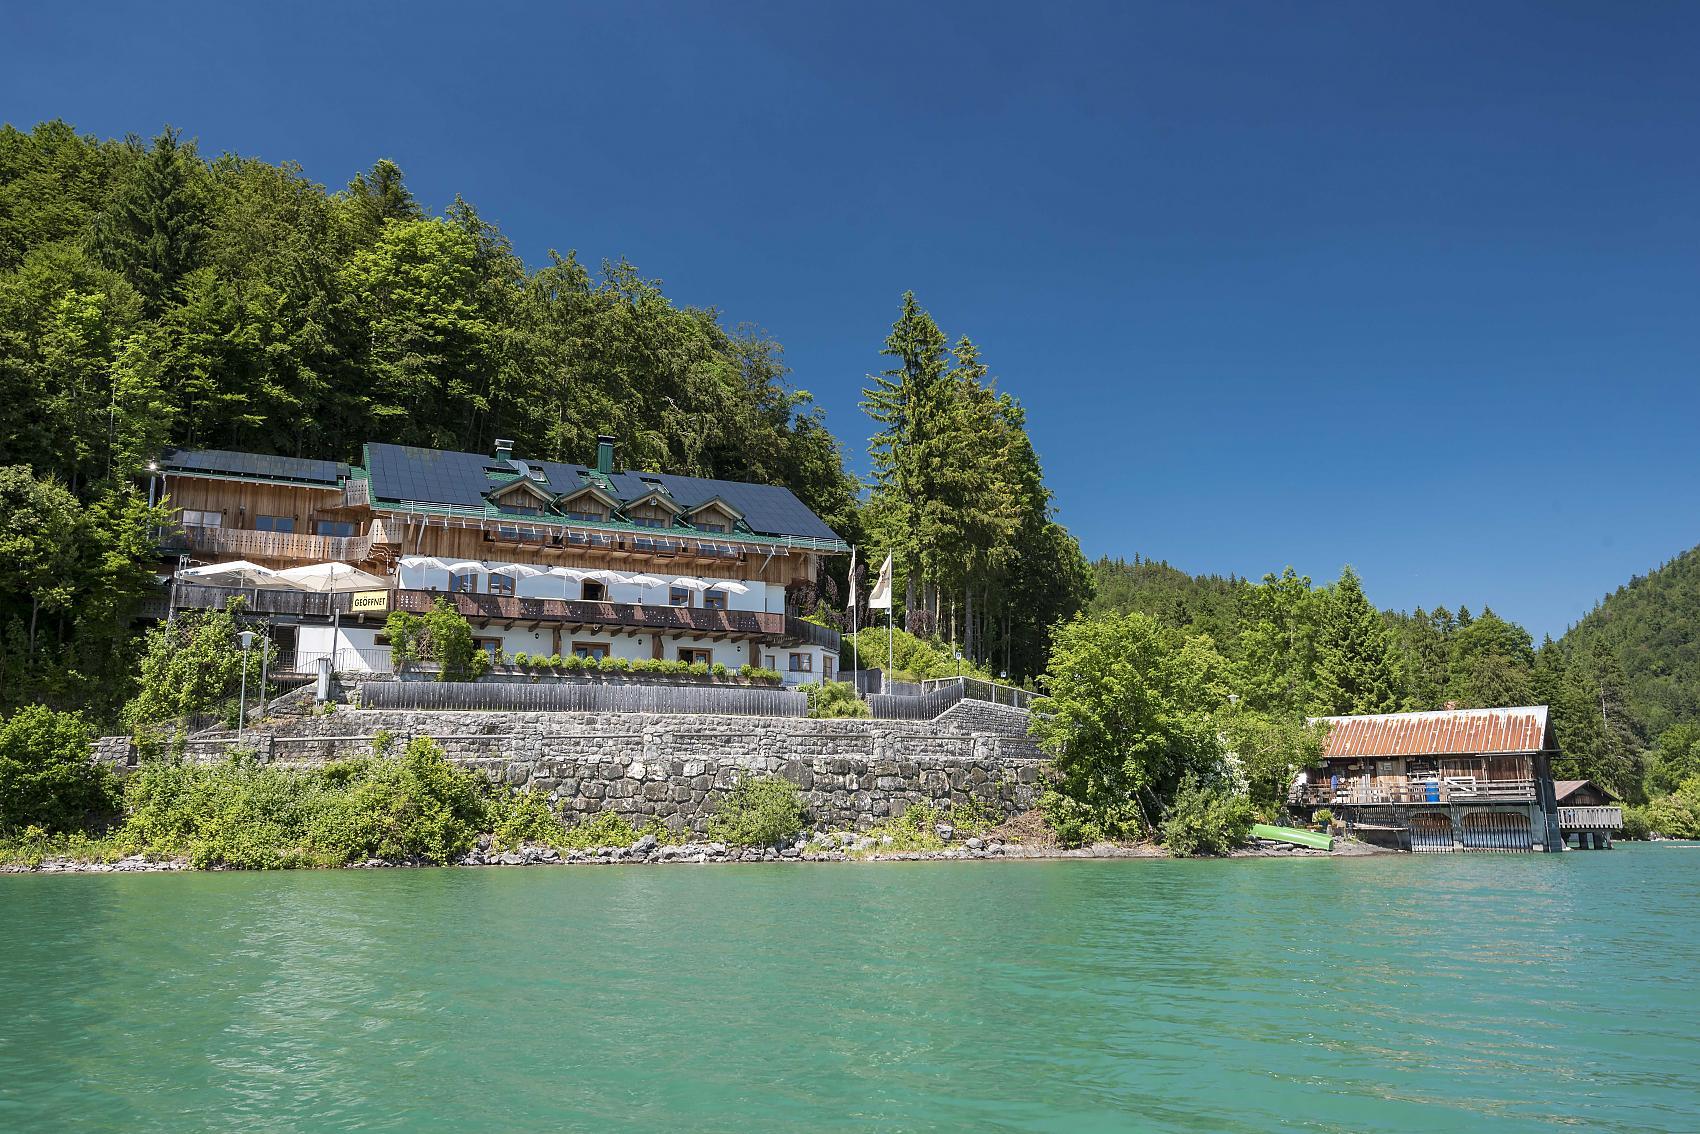 Panorama See Hotel Restaurant Karwendelblick Urfeld Am Walchensee